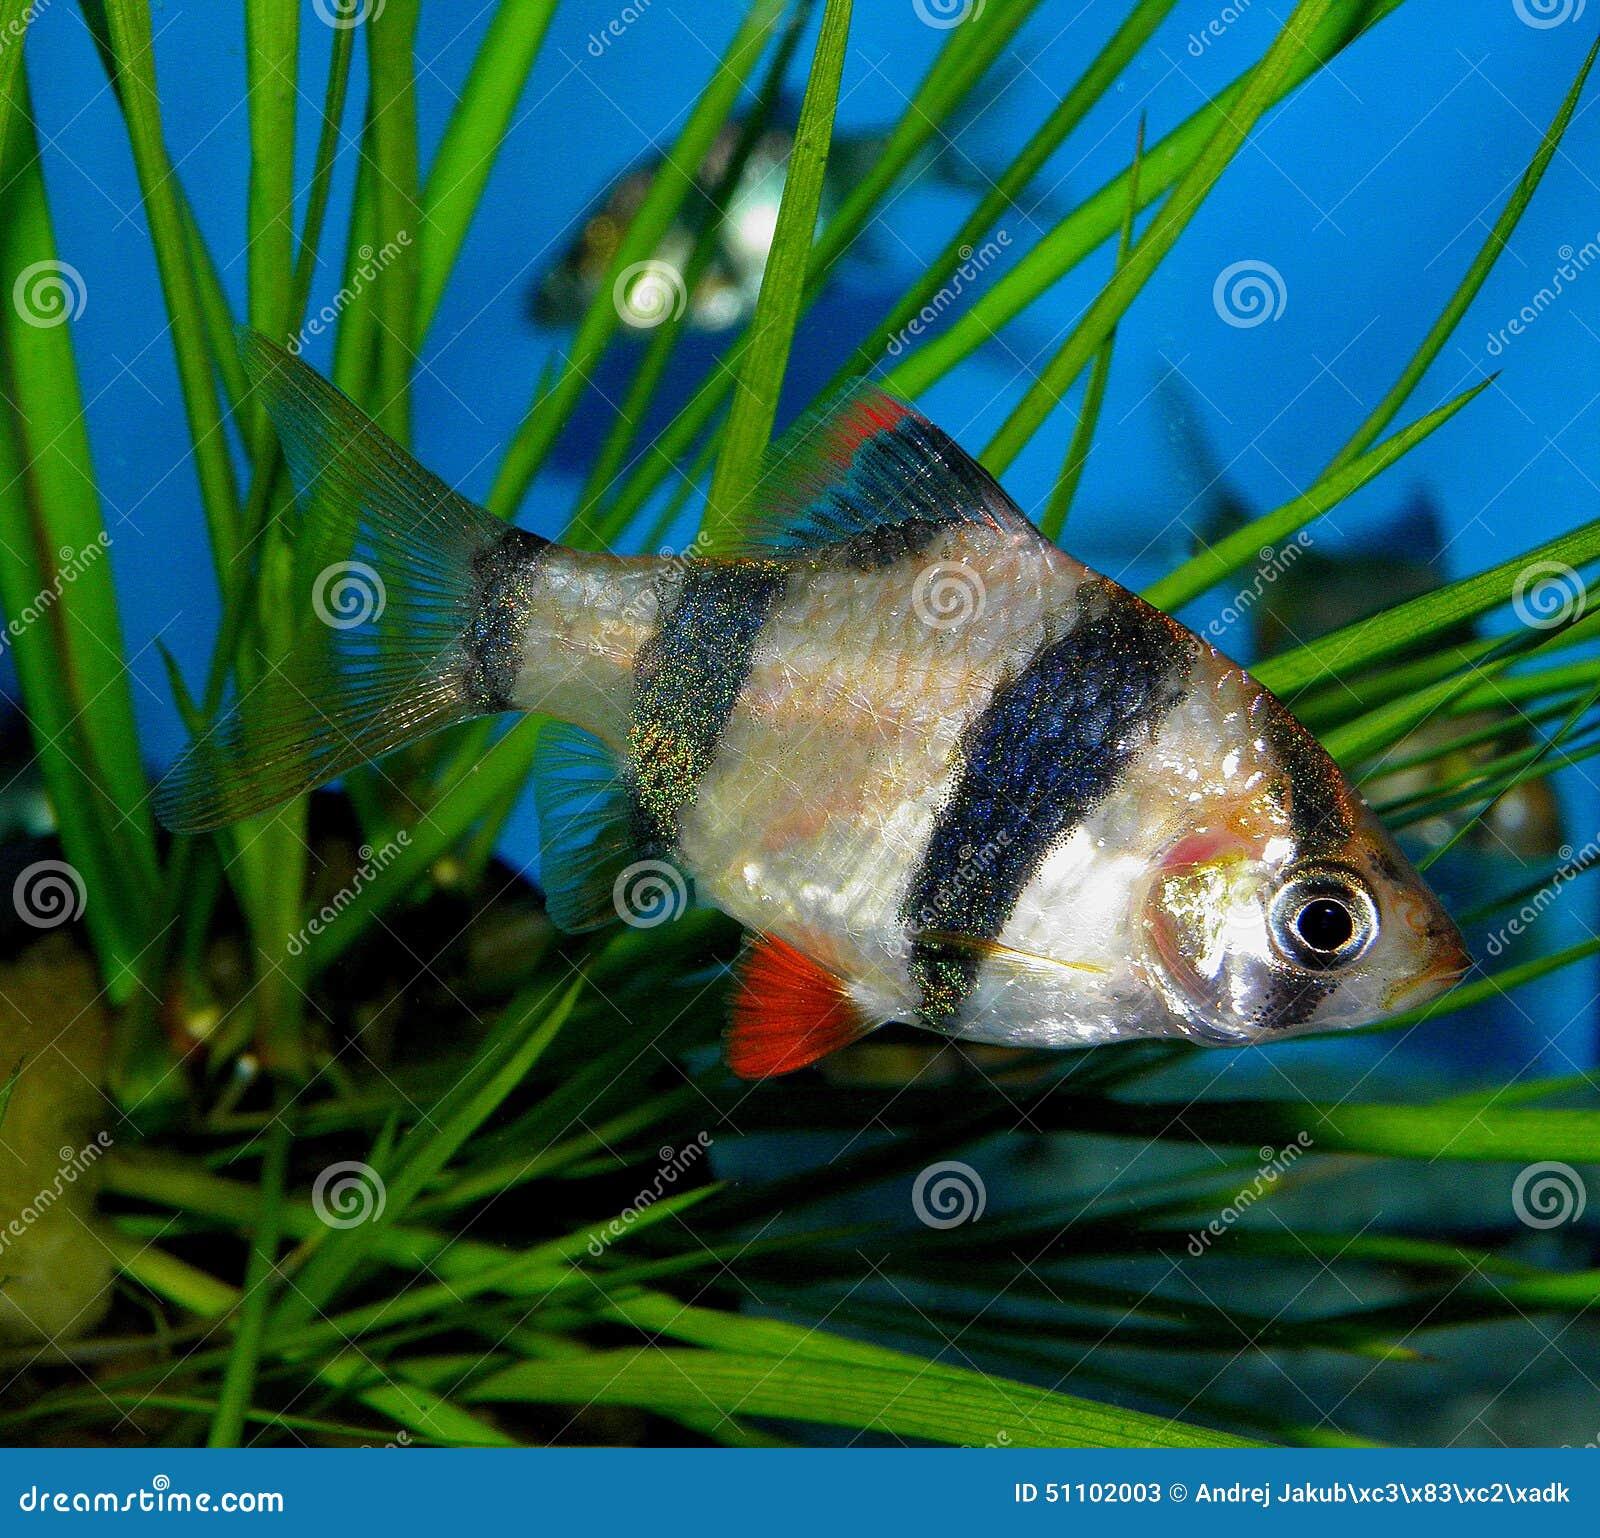 Freshwater aquarium fish from asia - Aquarium Fish From Asia Puntius